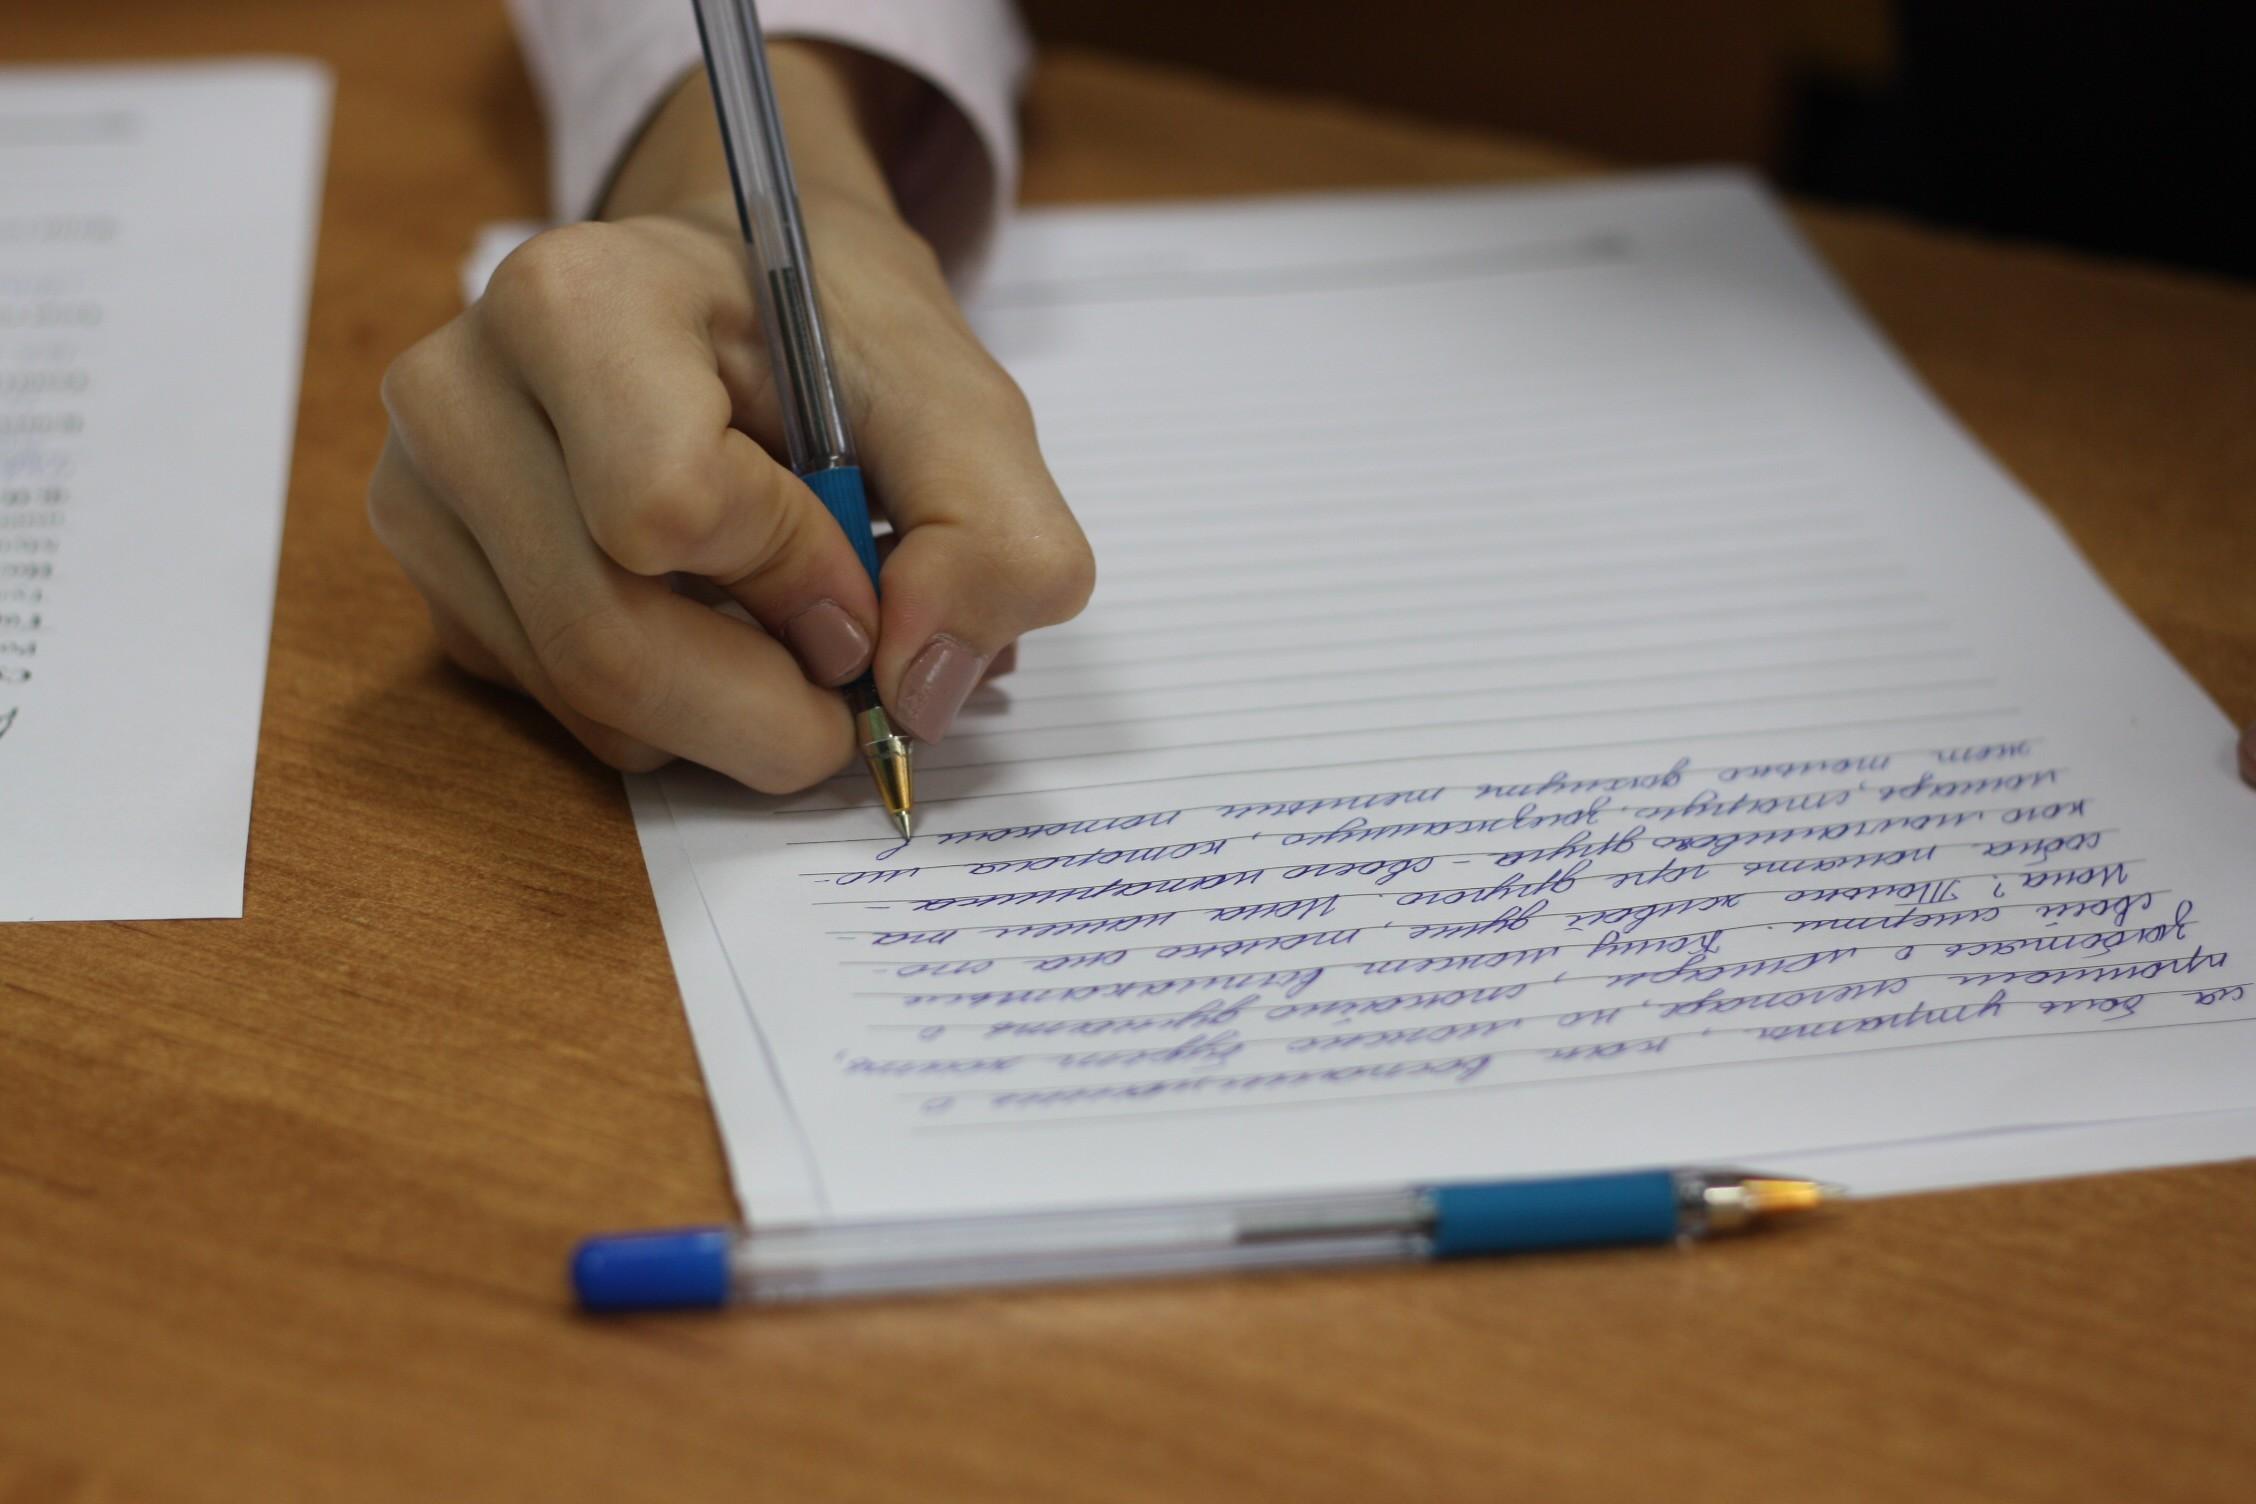 Тверские школьники напишут итоговое сочинение 25 мая